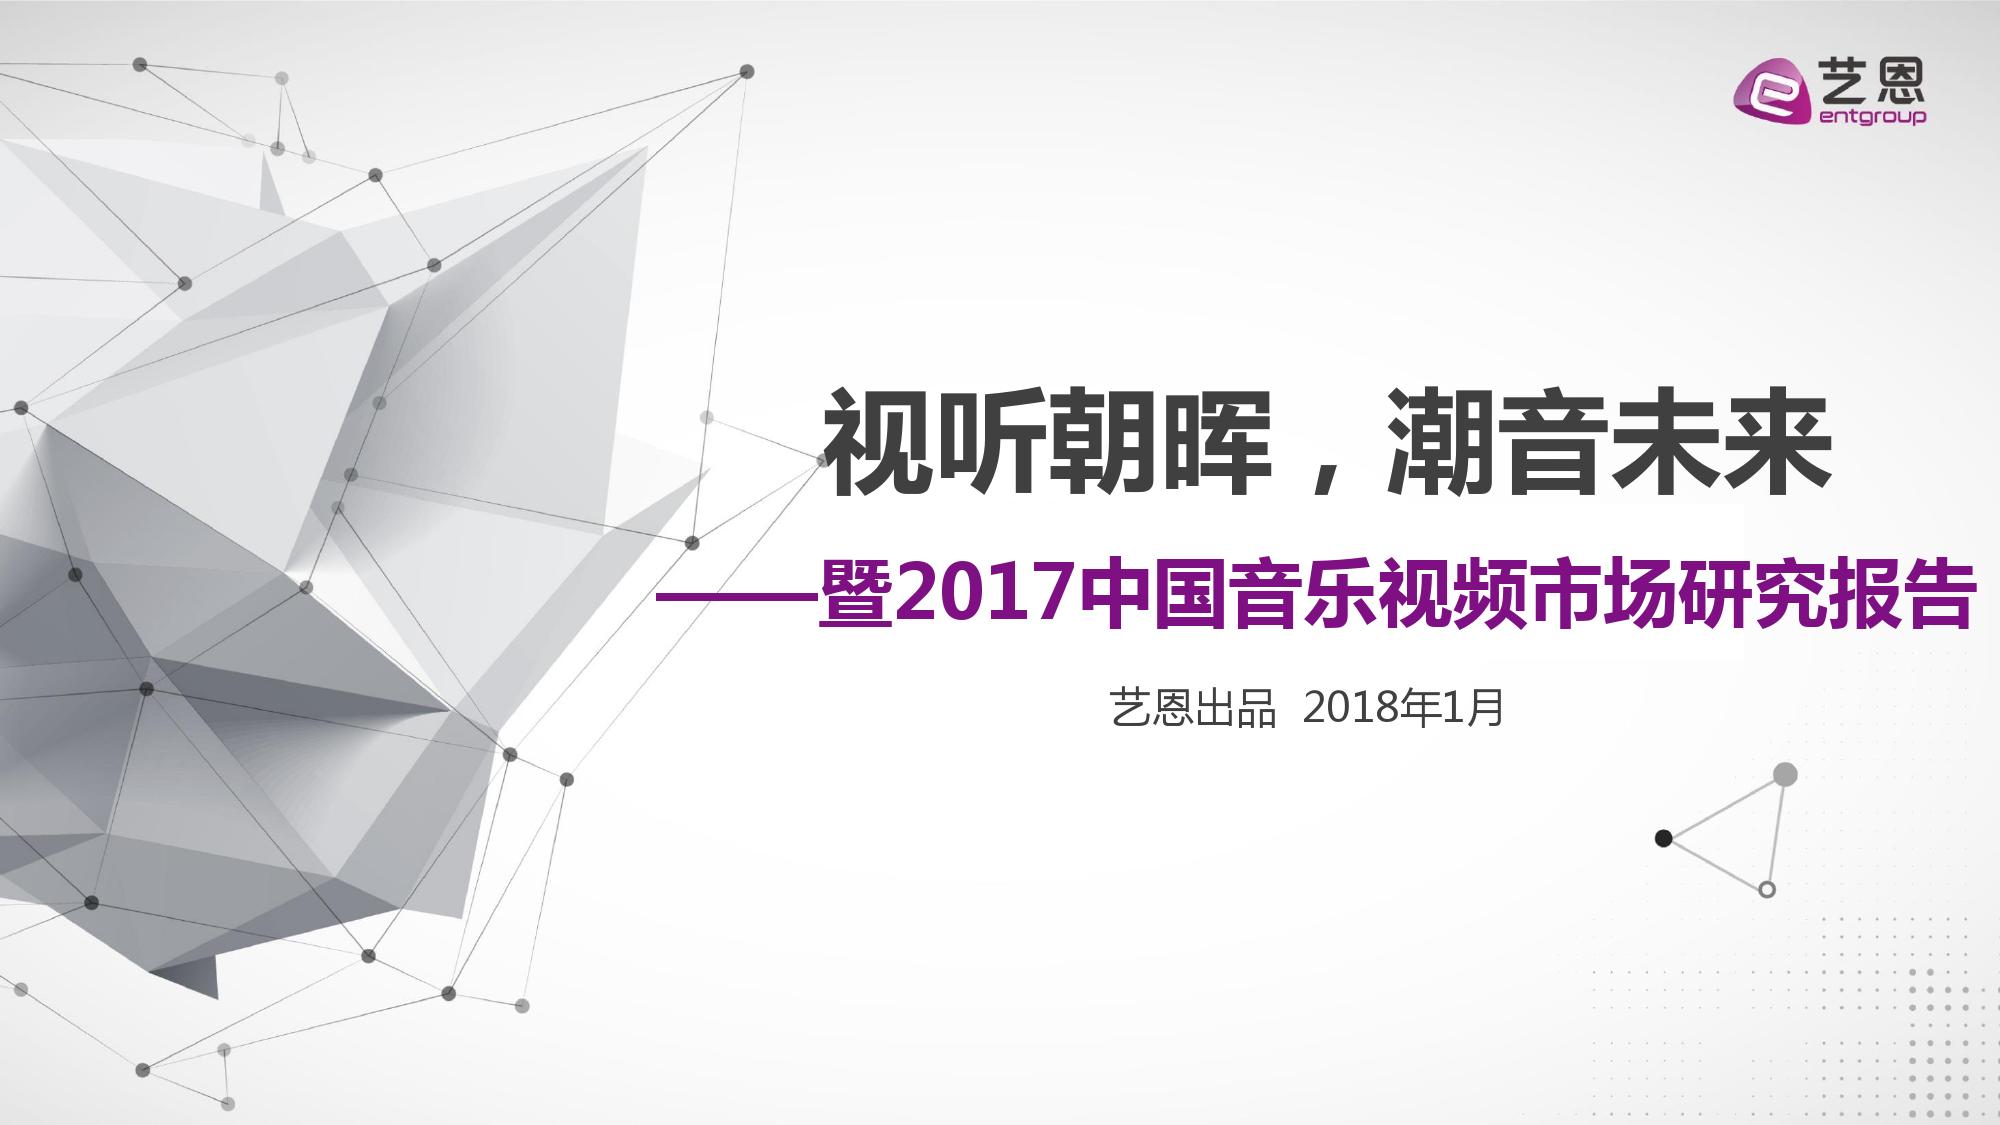 艺恩咨询:2017中国音乐视频市场研究报告(附下载)